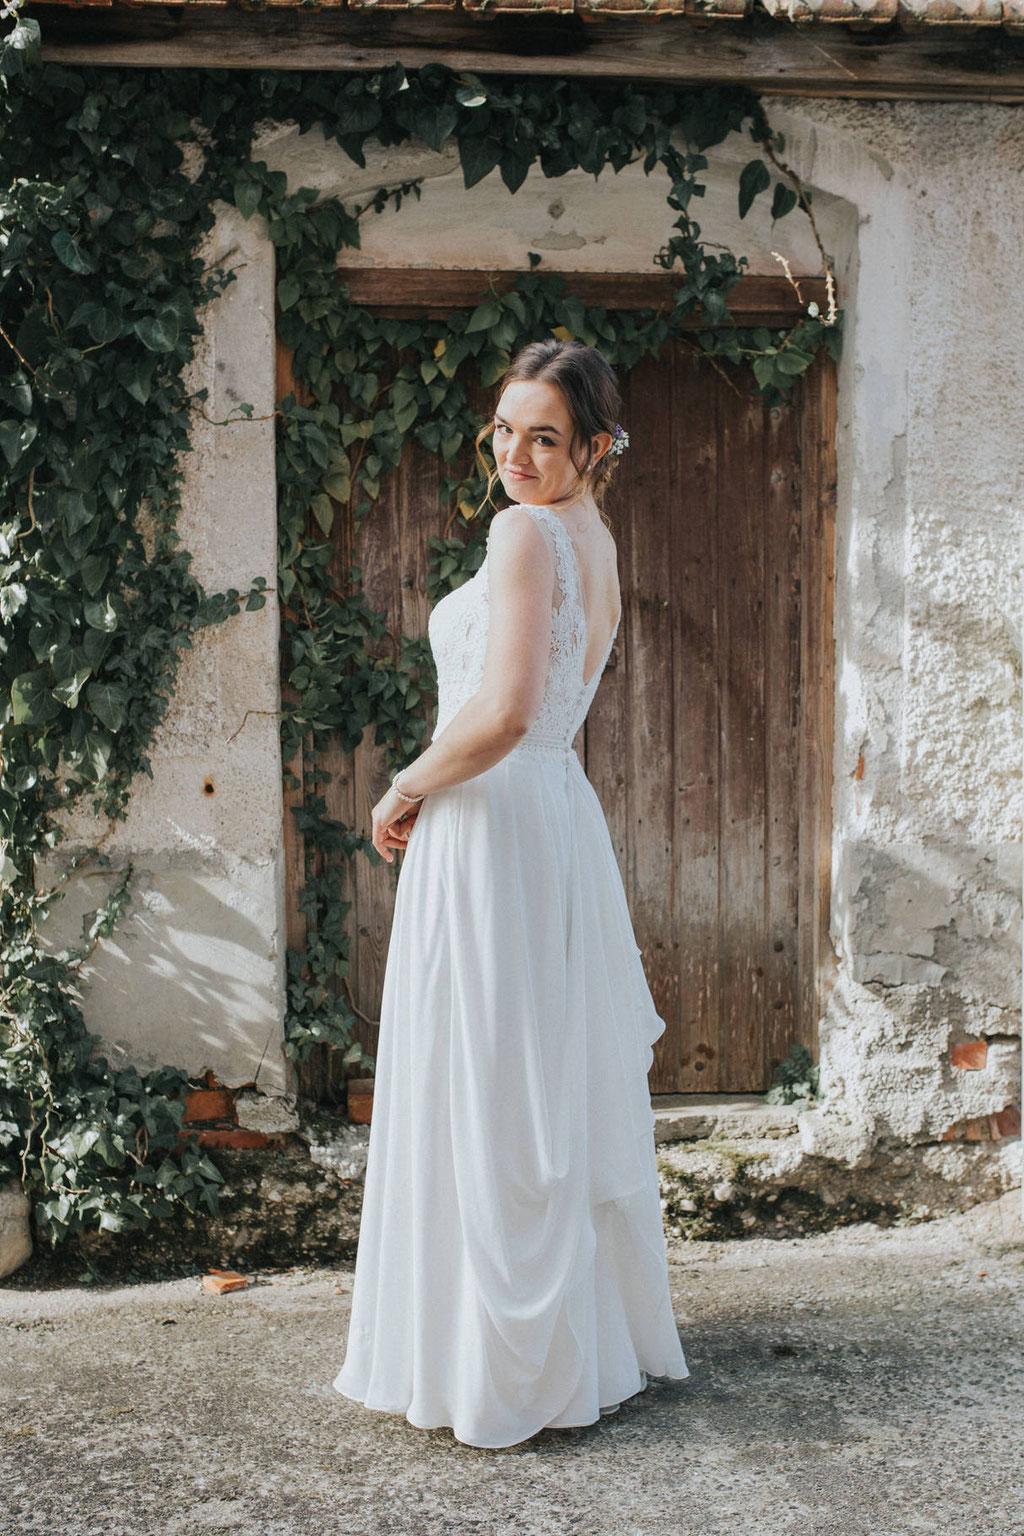 Braut im romantisch elegantem Hochzeitskleid